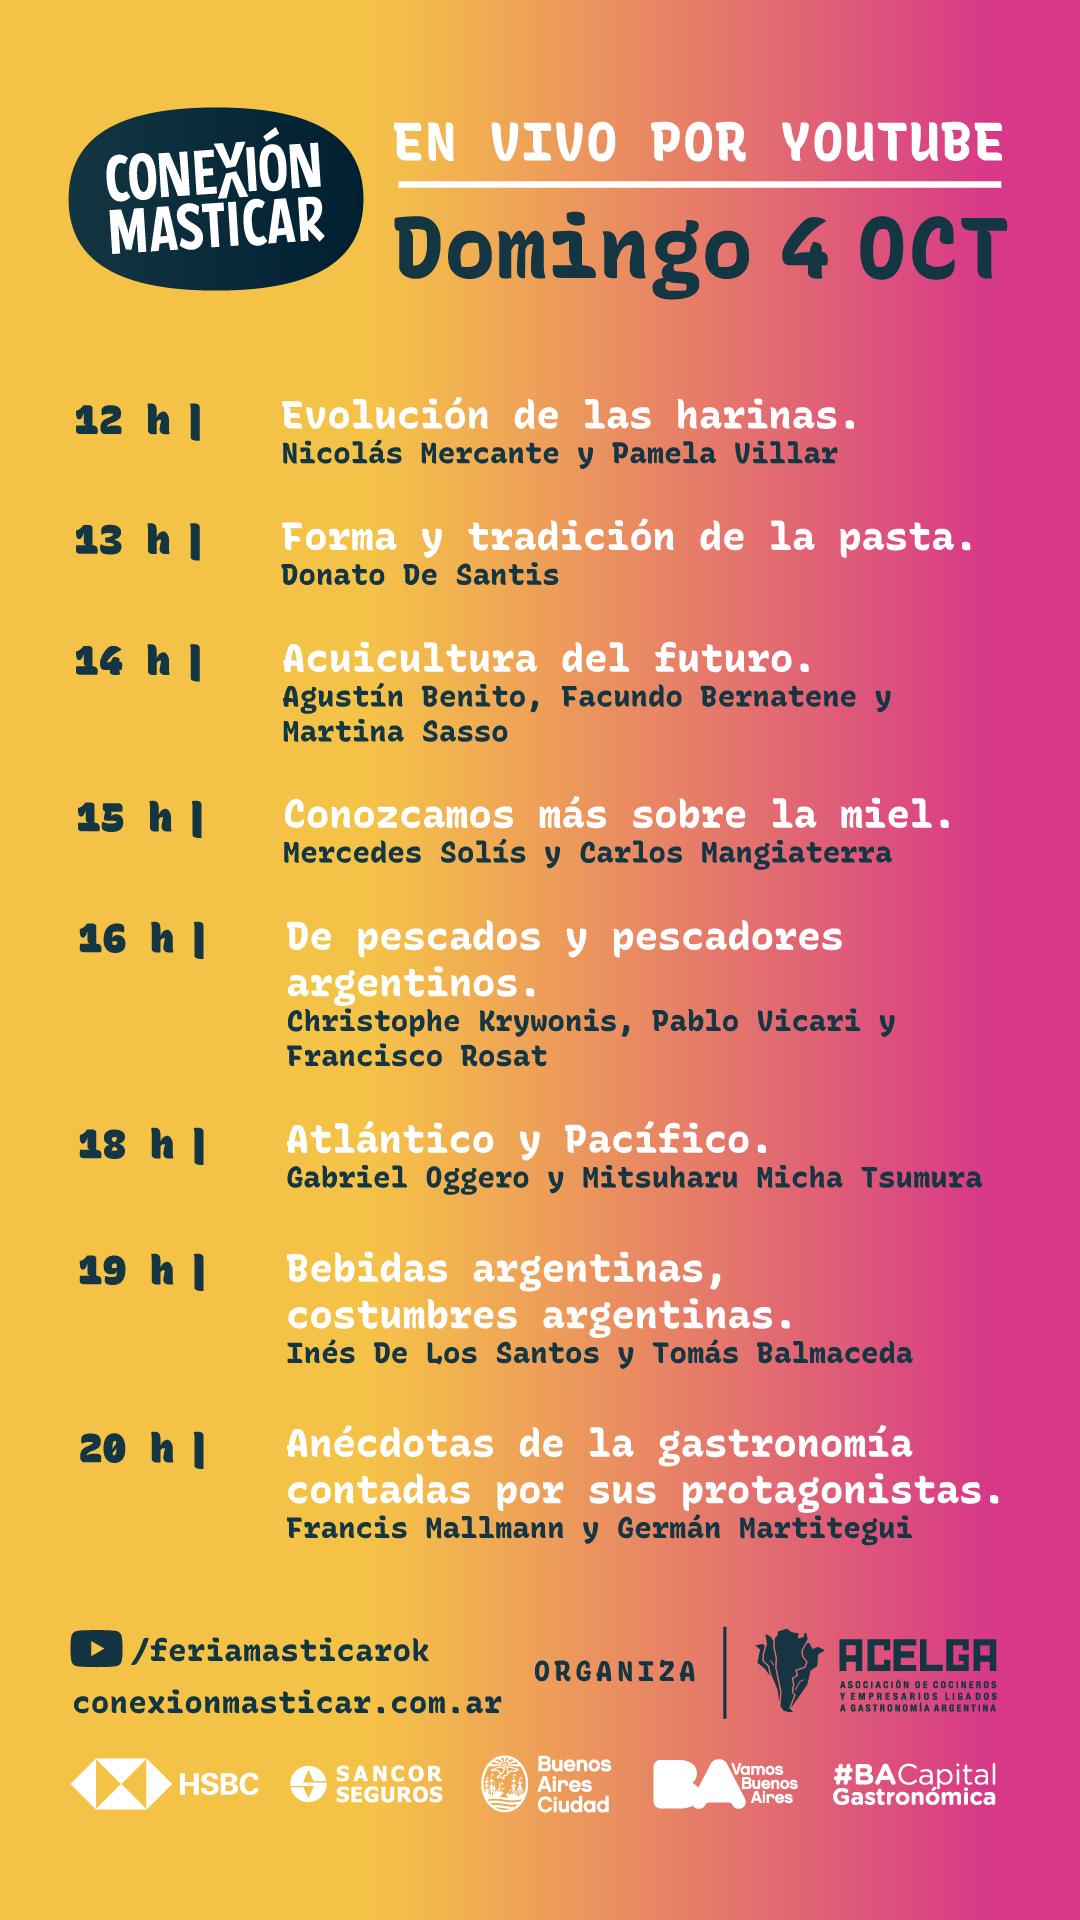 Agendá Conexión Masticar 3 y 4 de octubre, estés donde estés (1)